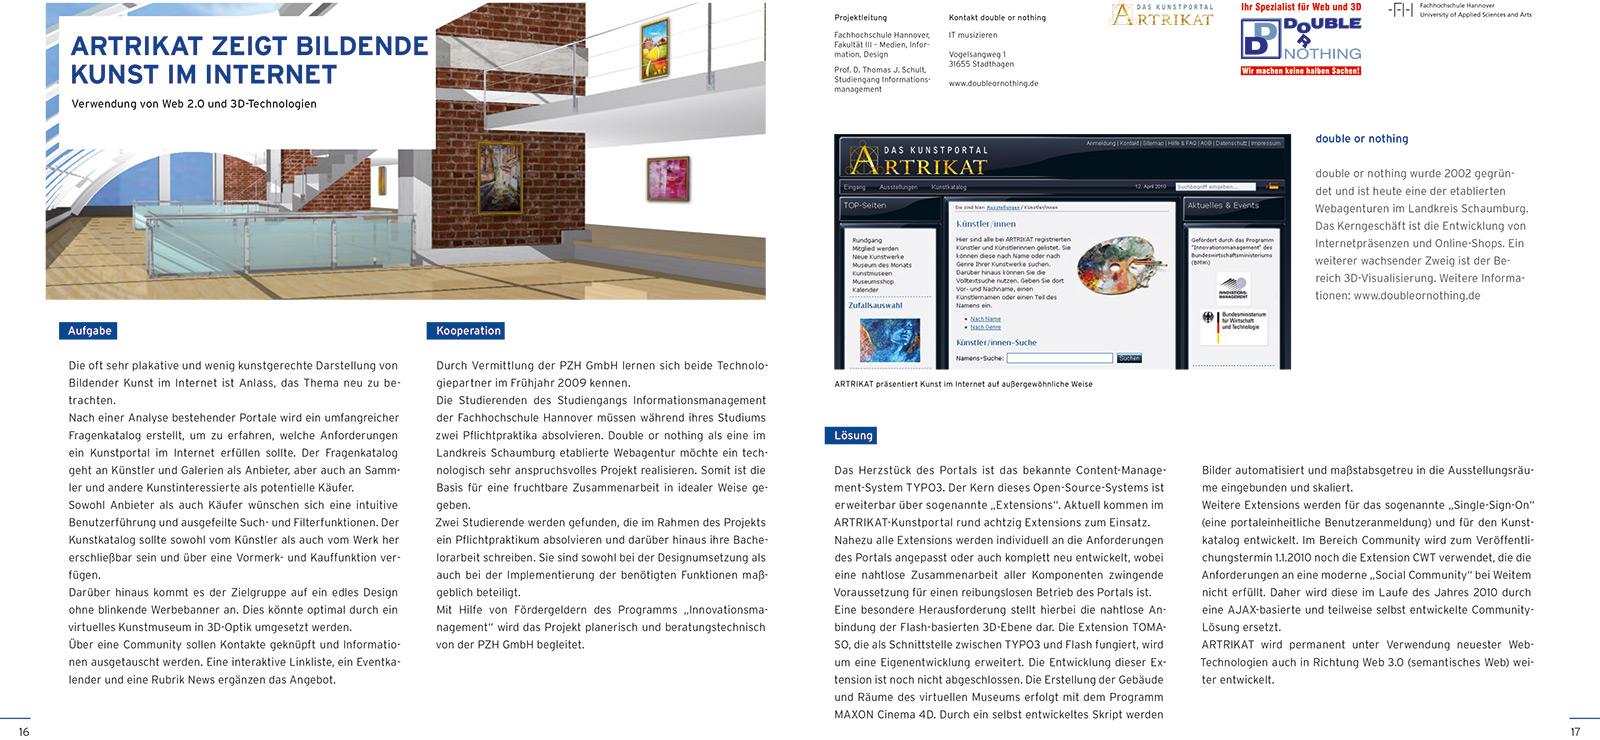 Die ARTRIKAT-Story: ARTRIKAT 1.0 - Gefördert durch das Programm Innovationsmanagement des BMWi